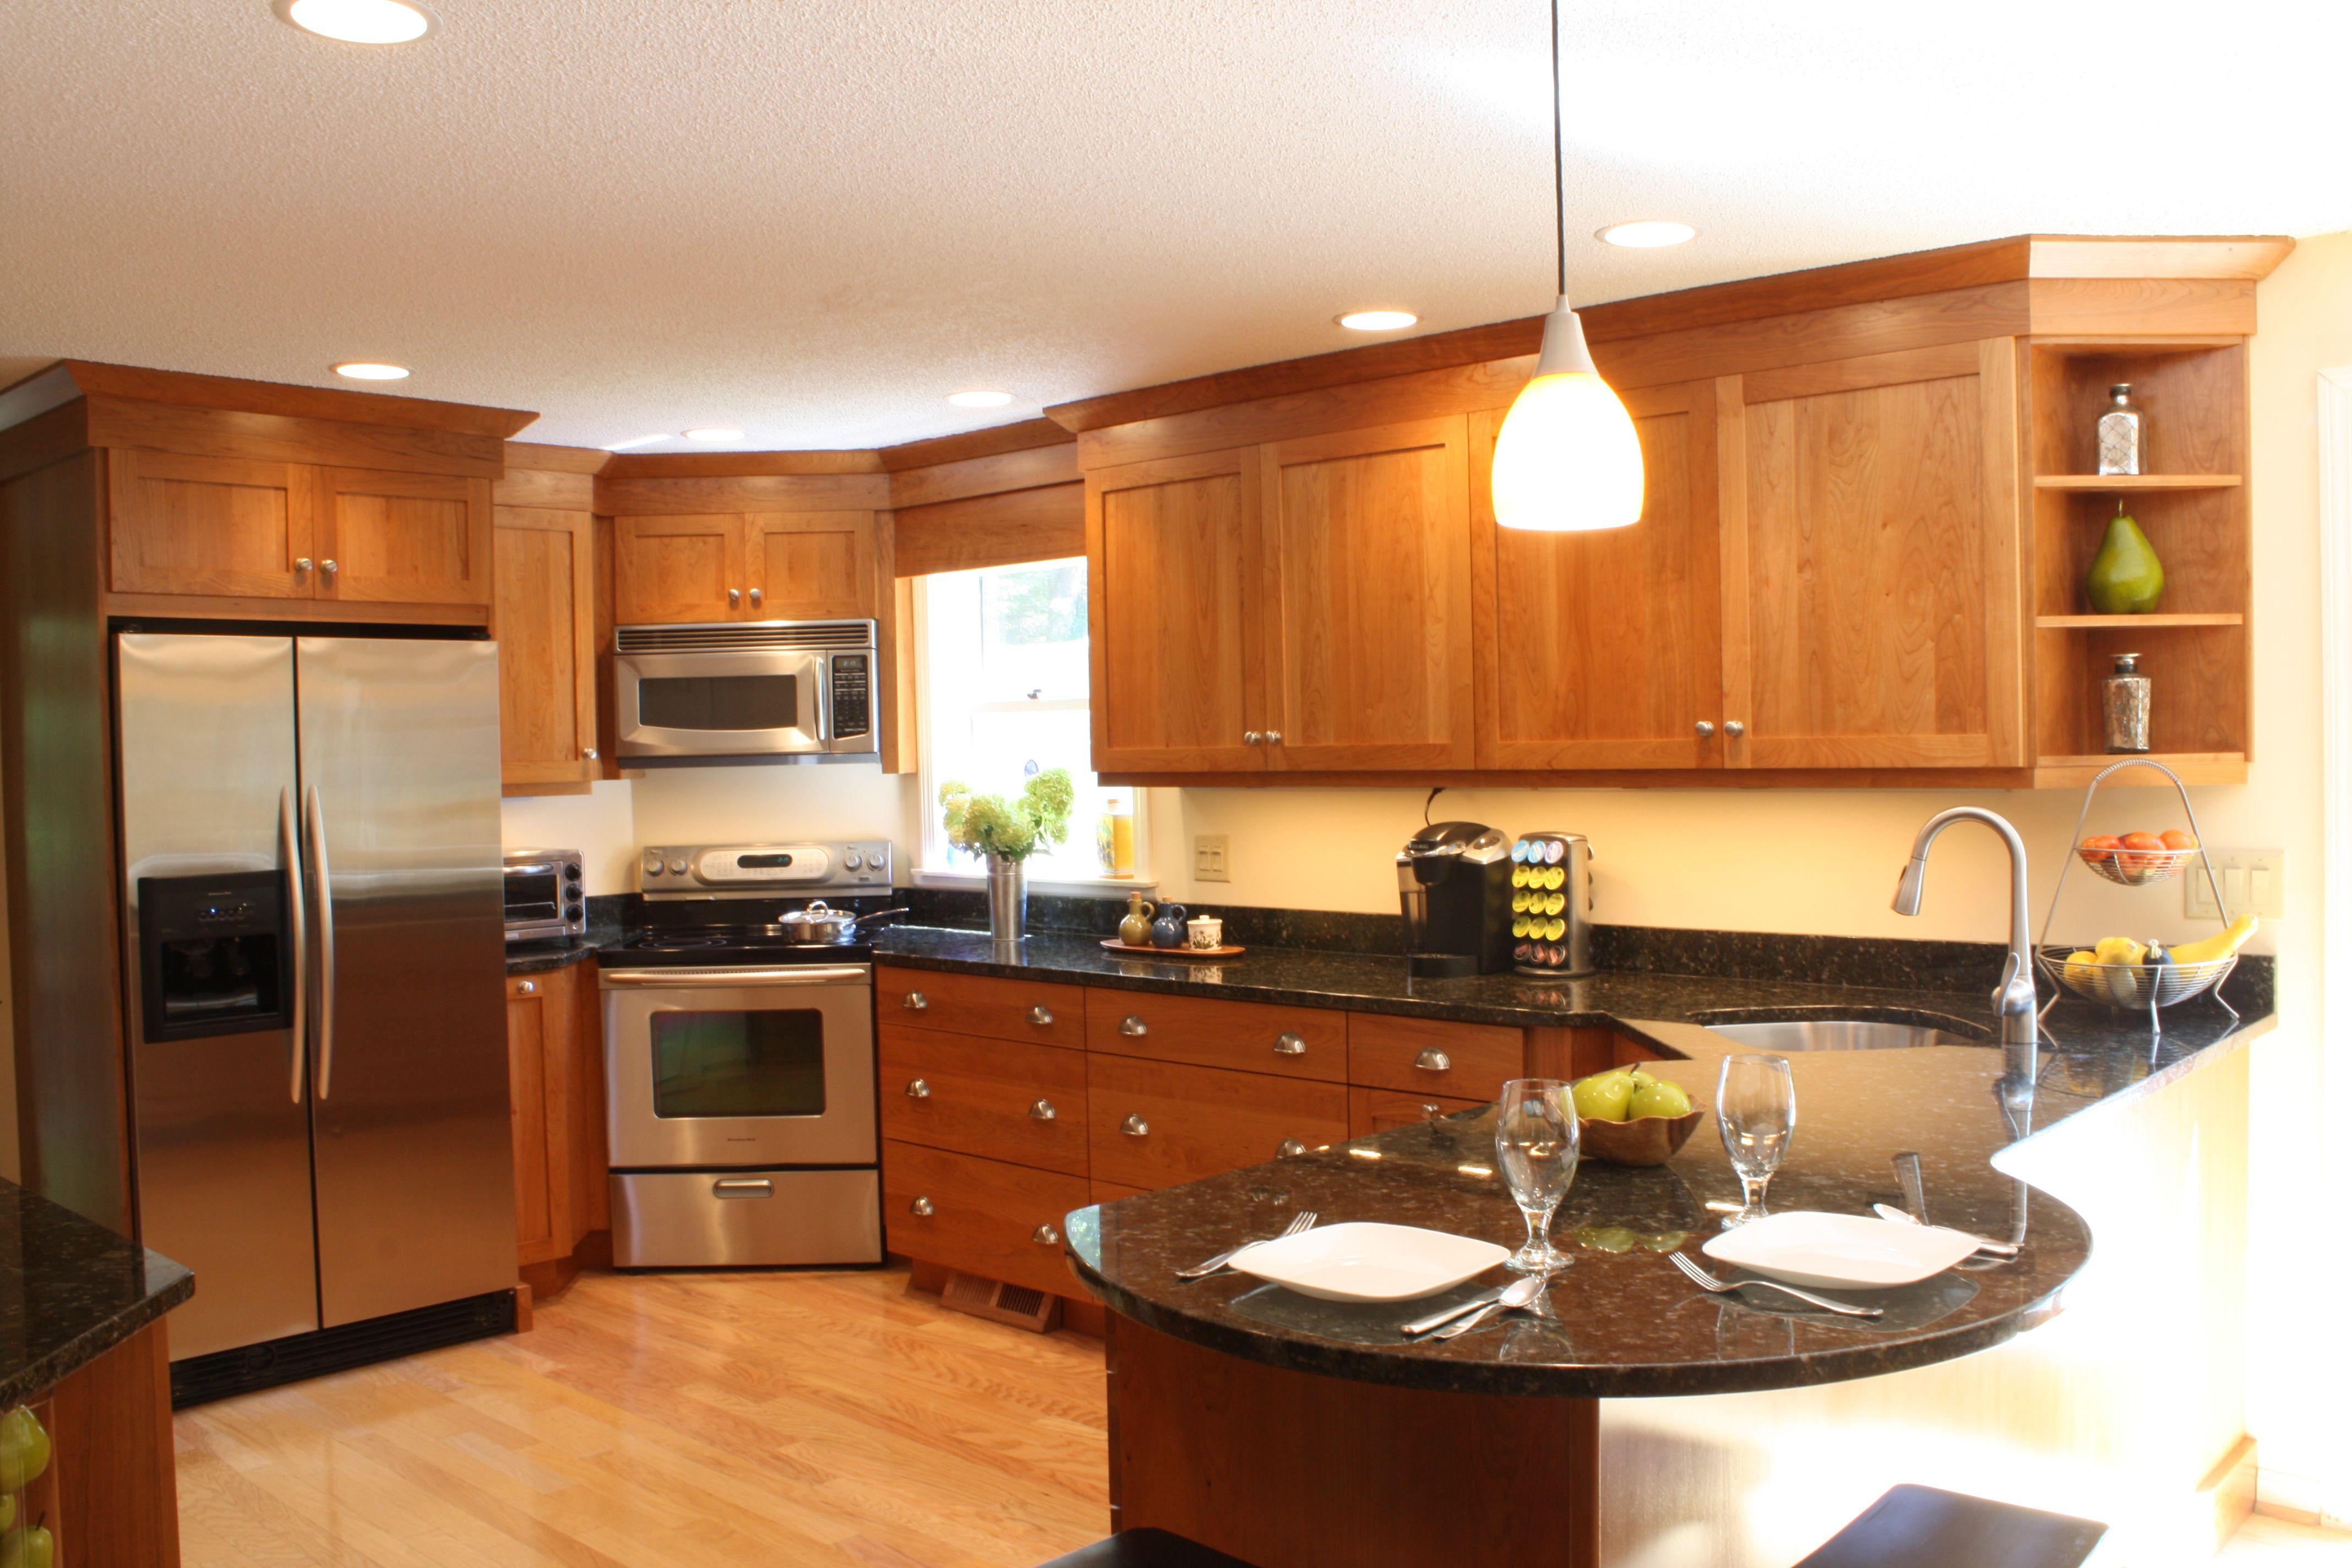 Cherry wood cabinet kitchen stainless steel appliances corner sink